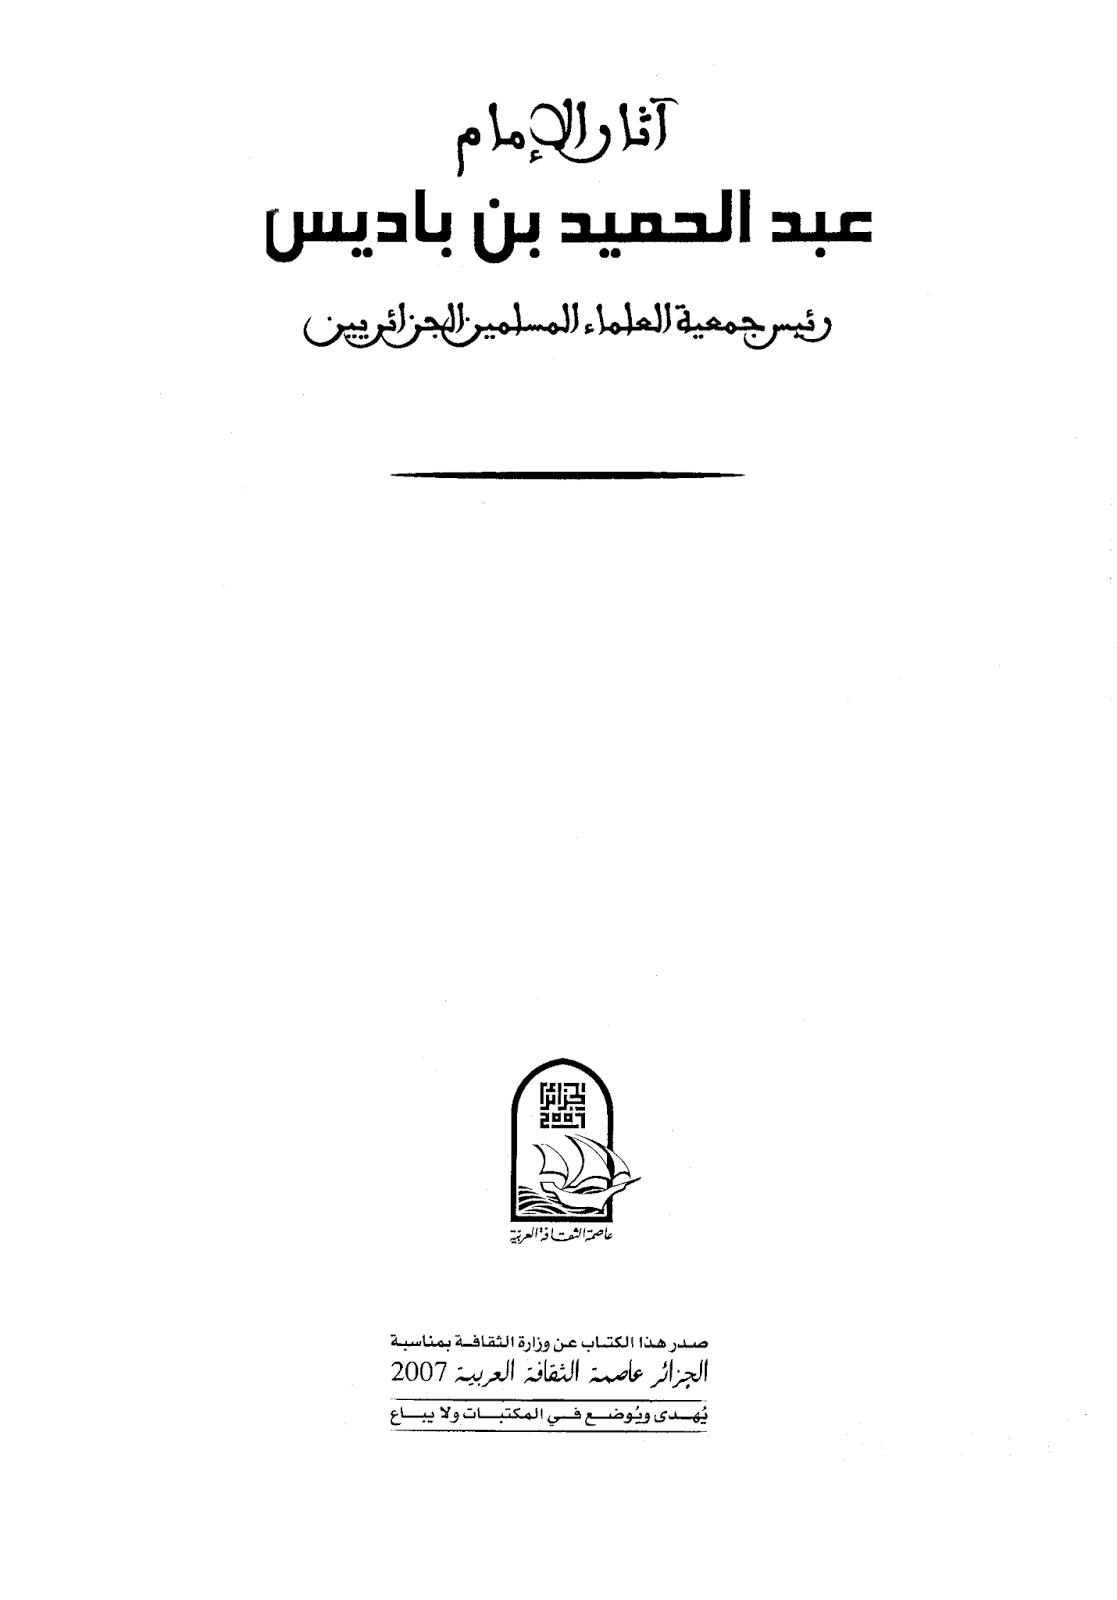 كتاب آثار الامام عبد الحميد بن باديس - عبد الحميد بن باديس